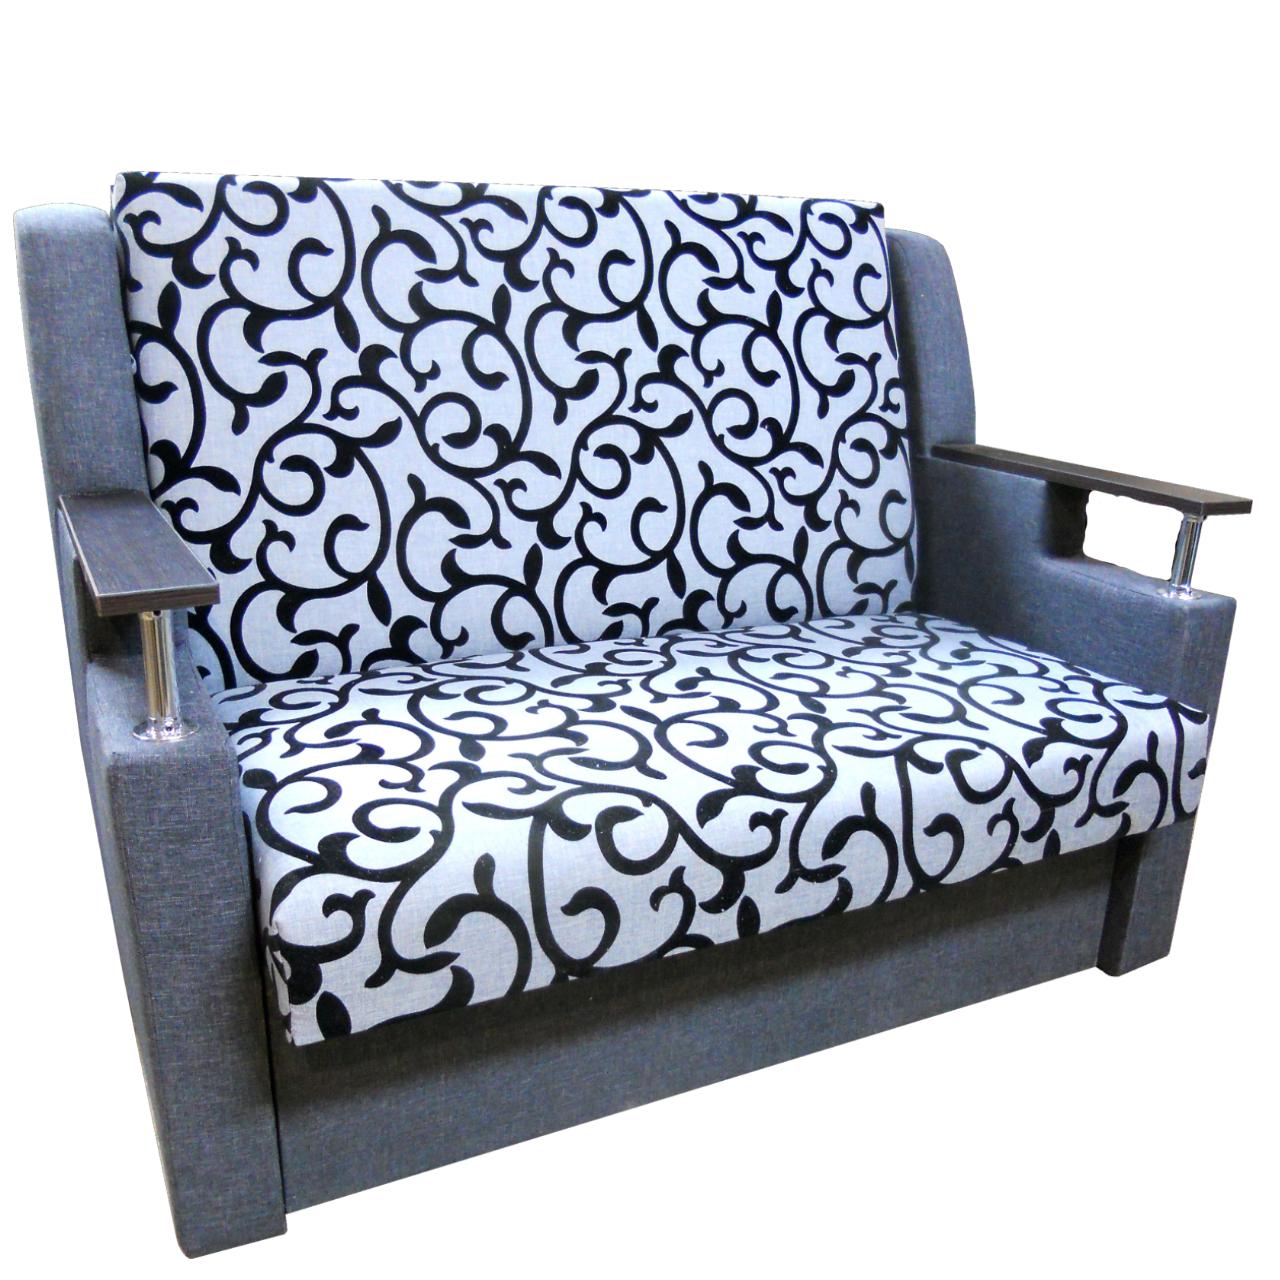 Диван Березня (Вензель сірий диван - ліжко). Диван з нішею для білизни